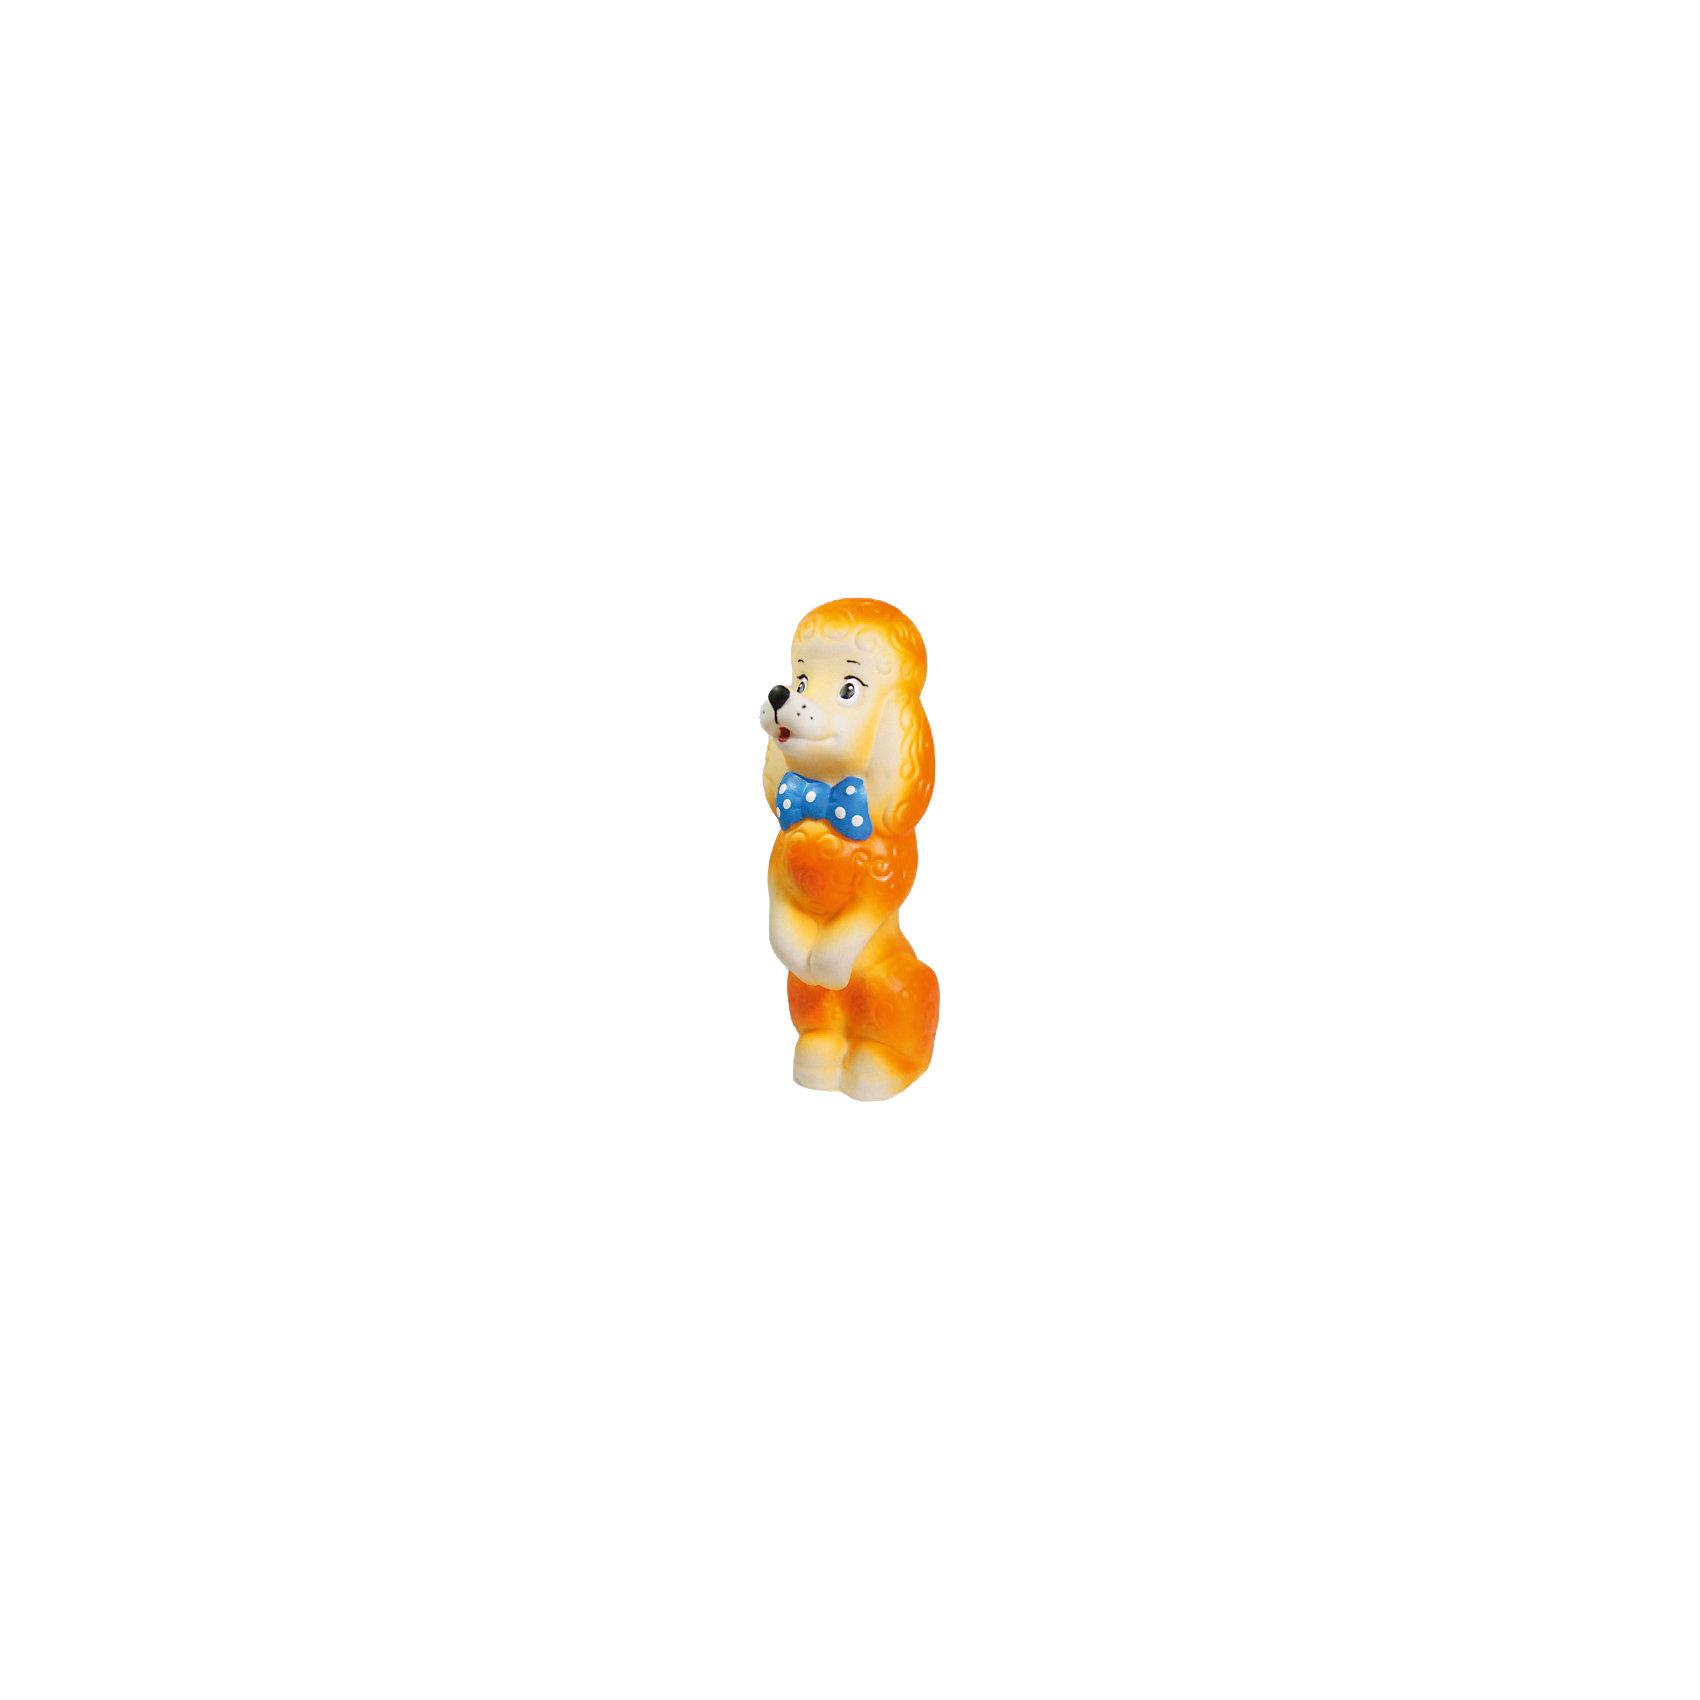 Собачка Королевский пудель, КудесникиИгрушки для ванной<br>Собачка Королевский пудель, Кудесники<br><br>Характеристики:<br><br>• Материал: ПВХ.<br>• Размер: 3х4х14 см.<br><br>Отличная игрушка из мягкого ПВХ надолго займет внимание вашего малыша. Эта игрушка поможет малышу при прорезывании зубов, поможет развивать моторику рук, знакомить с формой, цветом, образами также с ней можно забавно поиграть в ванной. Яркий образ милой забавной собачки поможет ребенку придумывать различные сюжетно-ролевые игры.<br><br>Собачку Королевский пудель, Кудесники, можно купить в нашем интернет – магазине.<br><br>Ширина мм: 30<br>Глубина мм: 40<br>Высота мм: 140<br>Вес г: 82<br>Возраст от месяцев: 12<br>Возраст до месяцев: 36<br>Пол: Унисекс<br>Возраст: Детский<br>SKU: 4896444